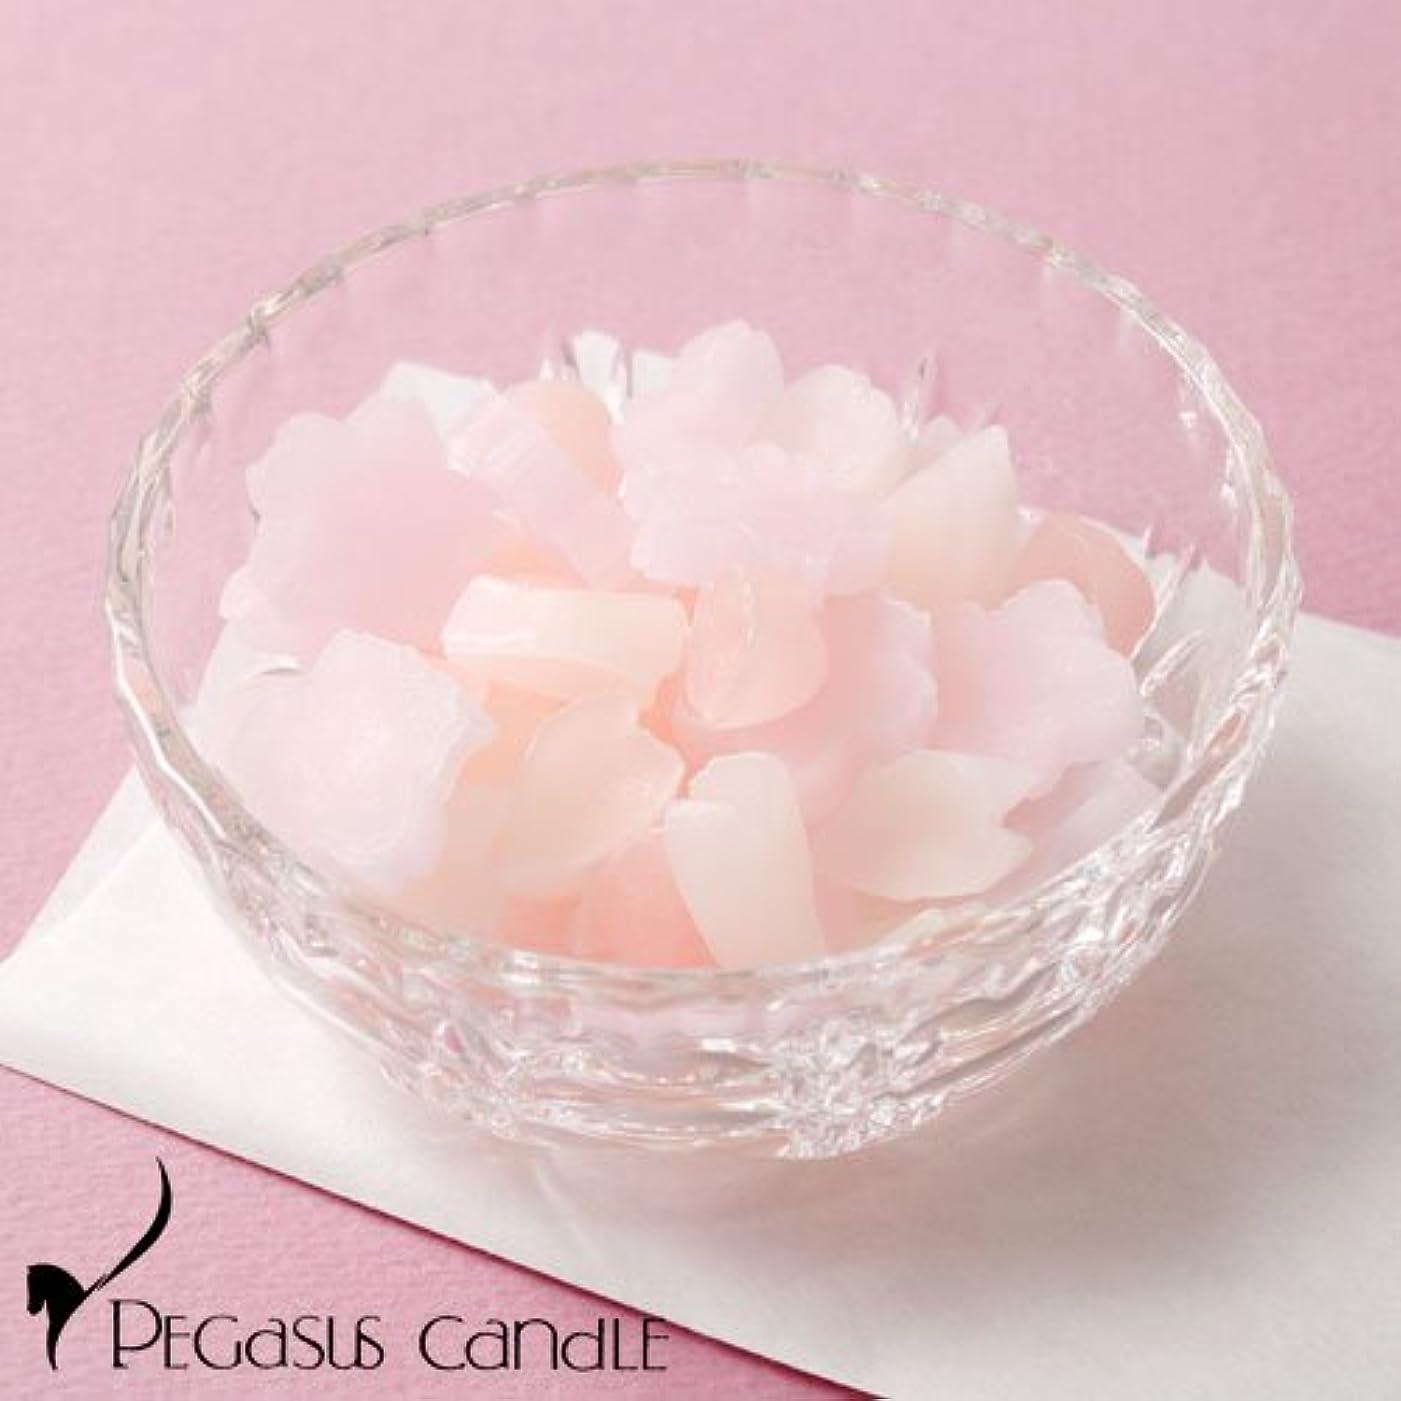 ありそうグラディスフリンジさくらのかおりガラス器付きの桜の芳香剤ペガサスキャンドルSakura fragrance